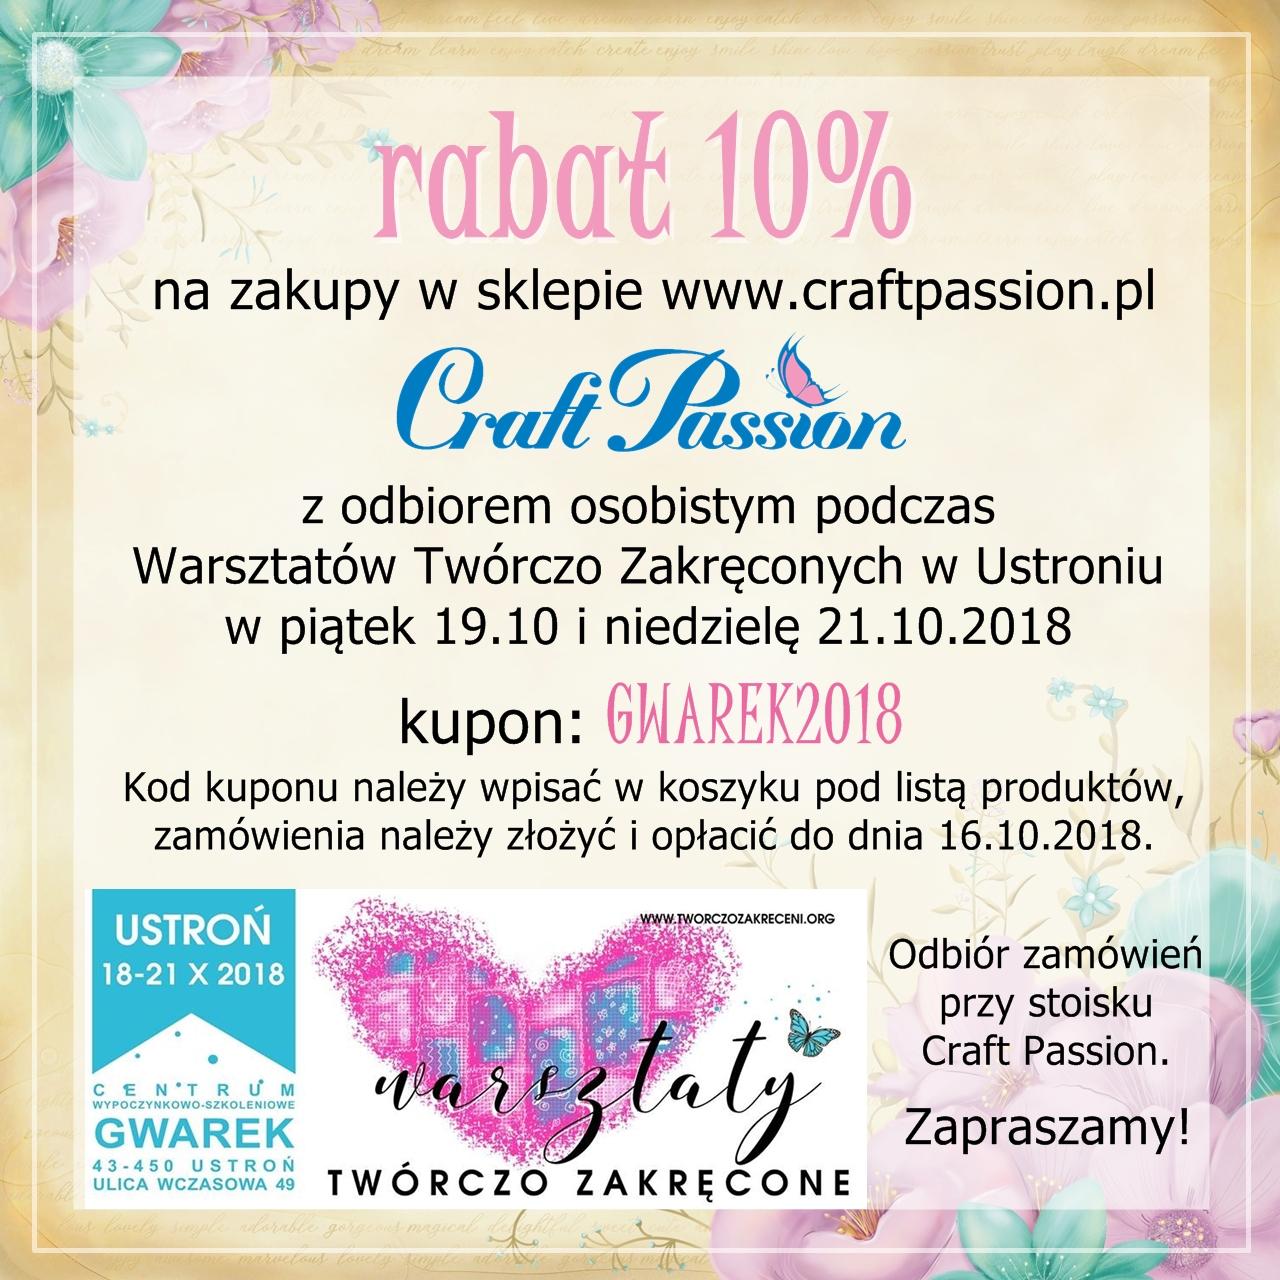 Warsztaty w Ustroniu 19.10 i 21.10.2018